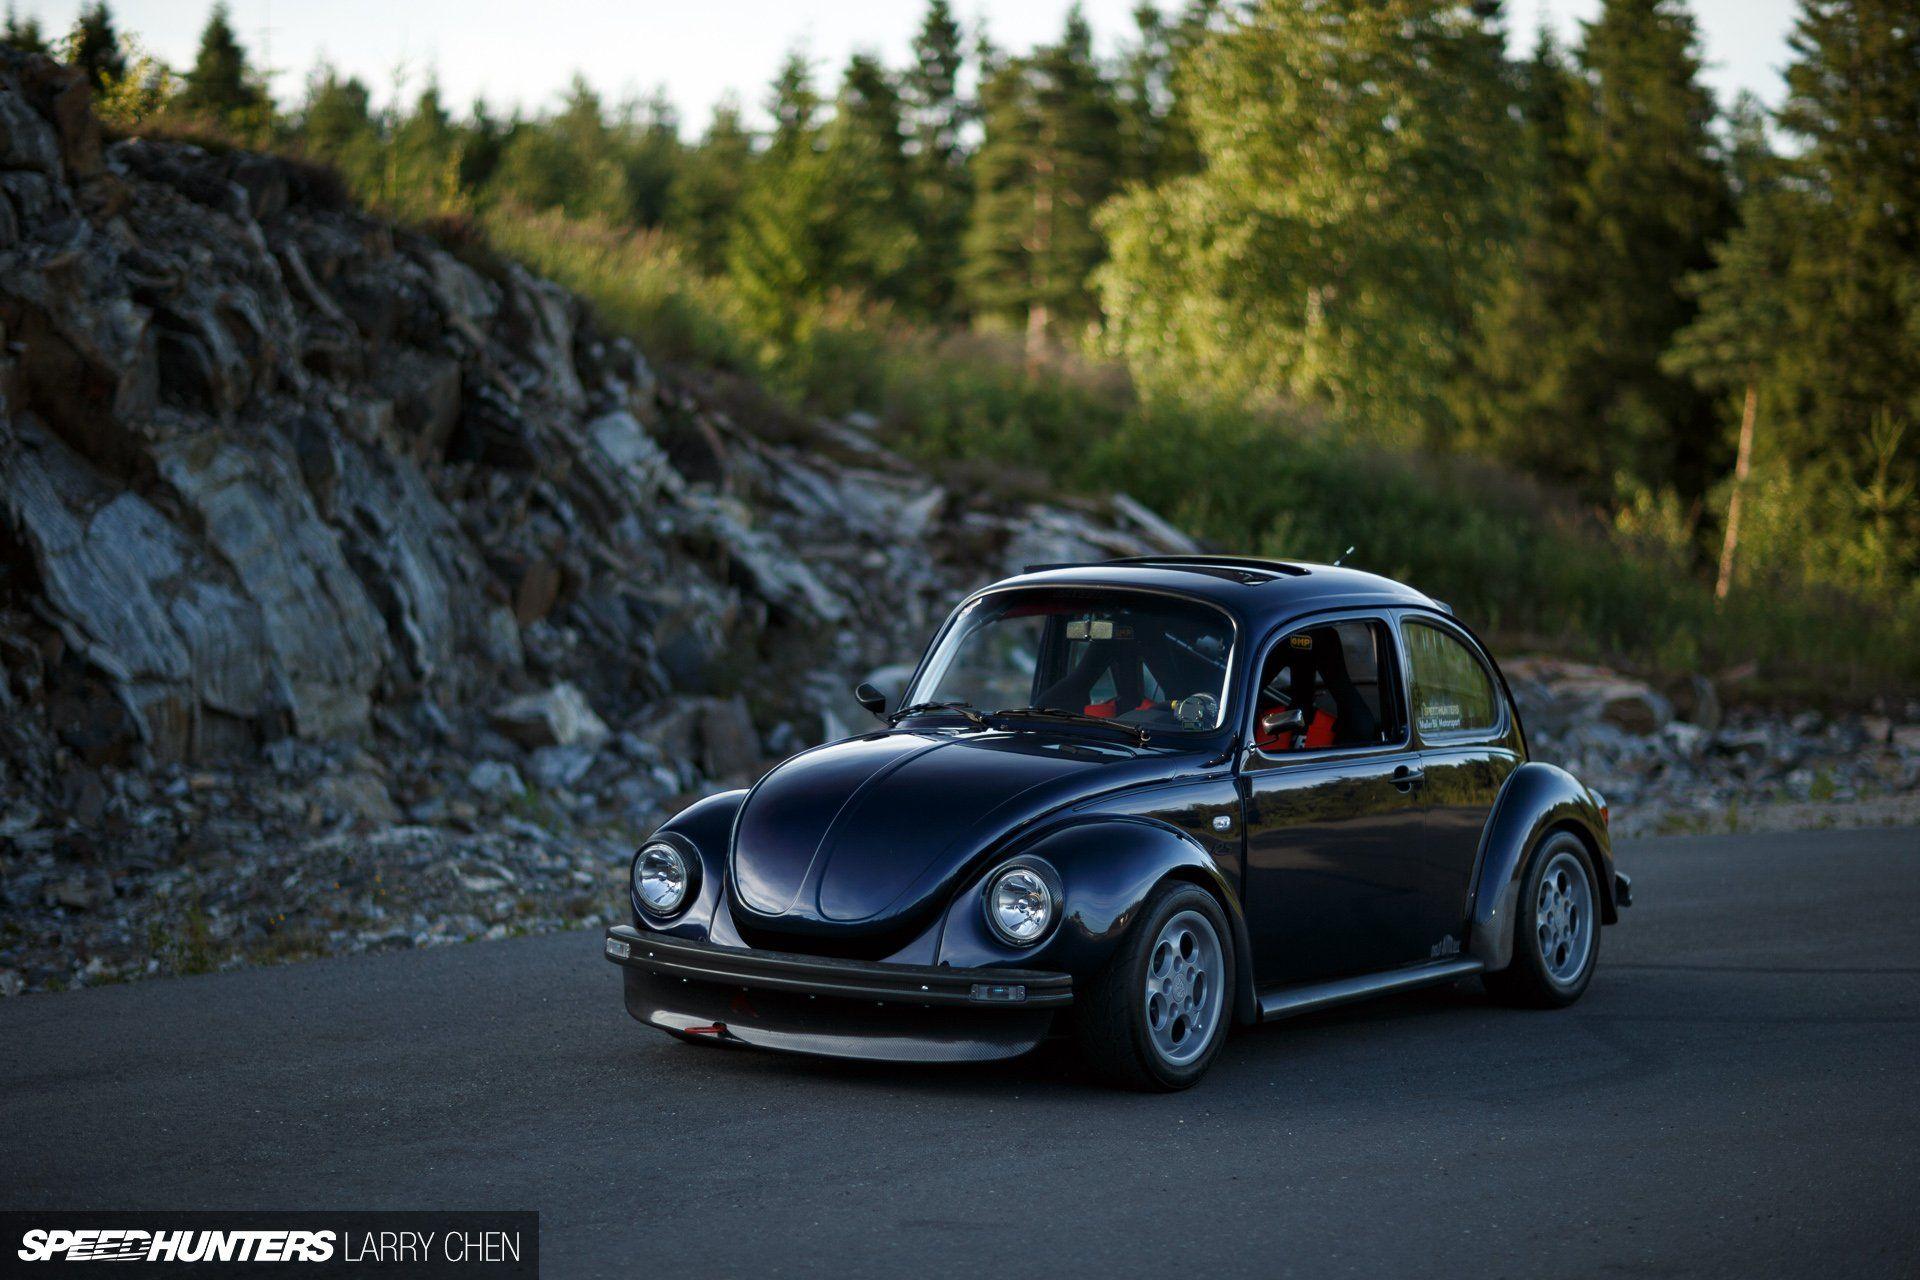 1973 Volkswagen Beetle Classic Tuning G Wallpaper 1920x1280 320052 Wallpaperup Volkswagen Beetle Vw Kafer Volkswagen